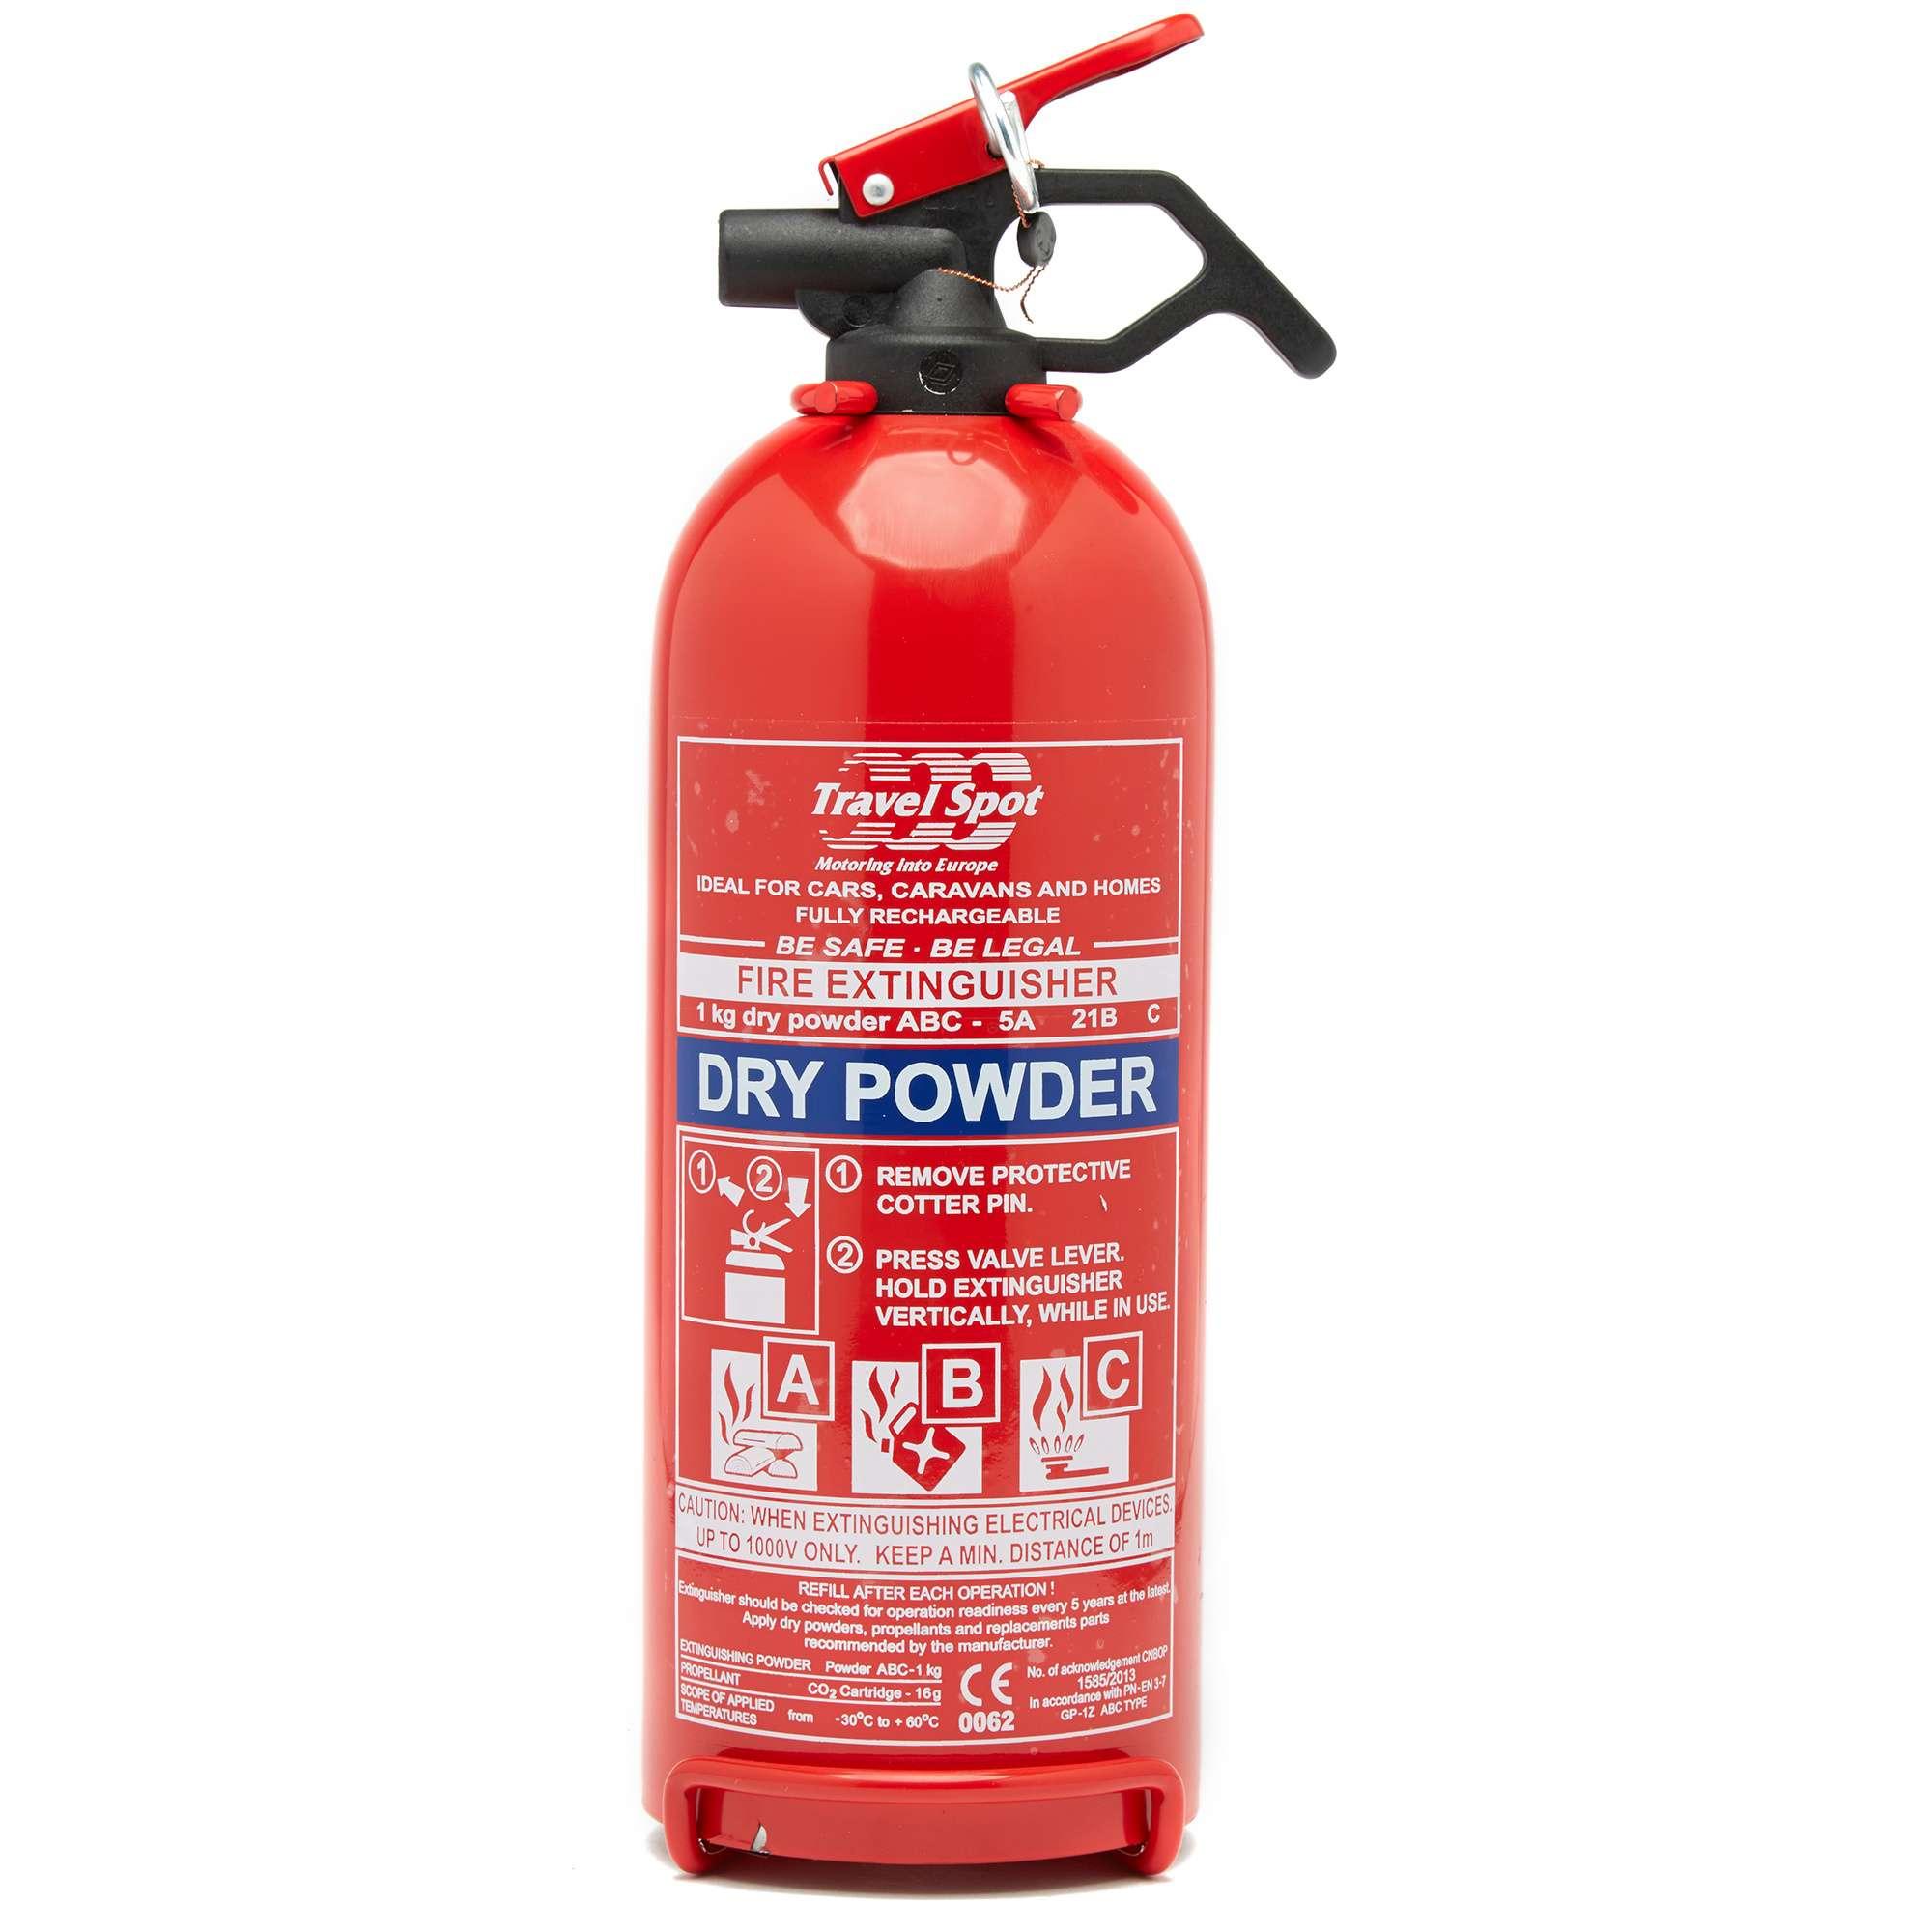 BOYZ TOYS Fire Extinguisher